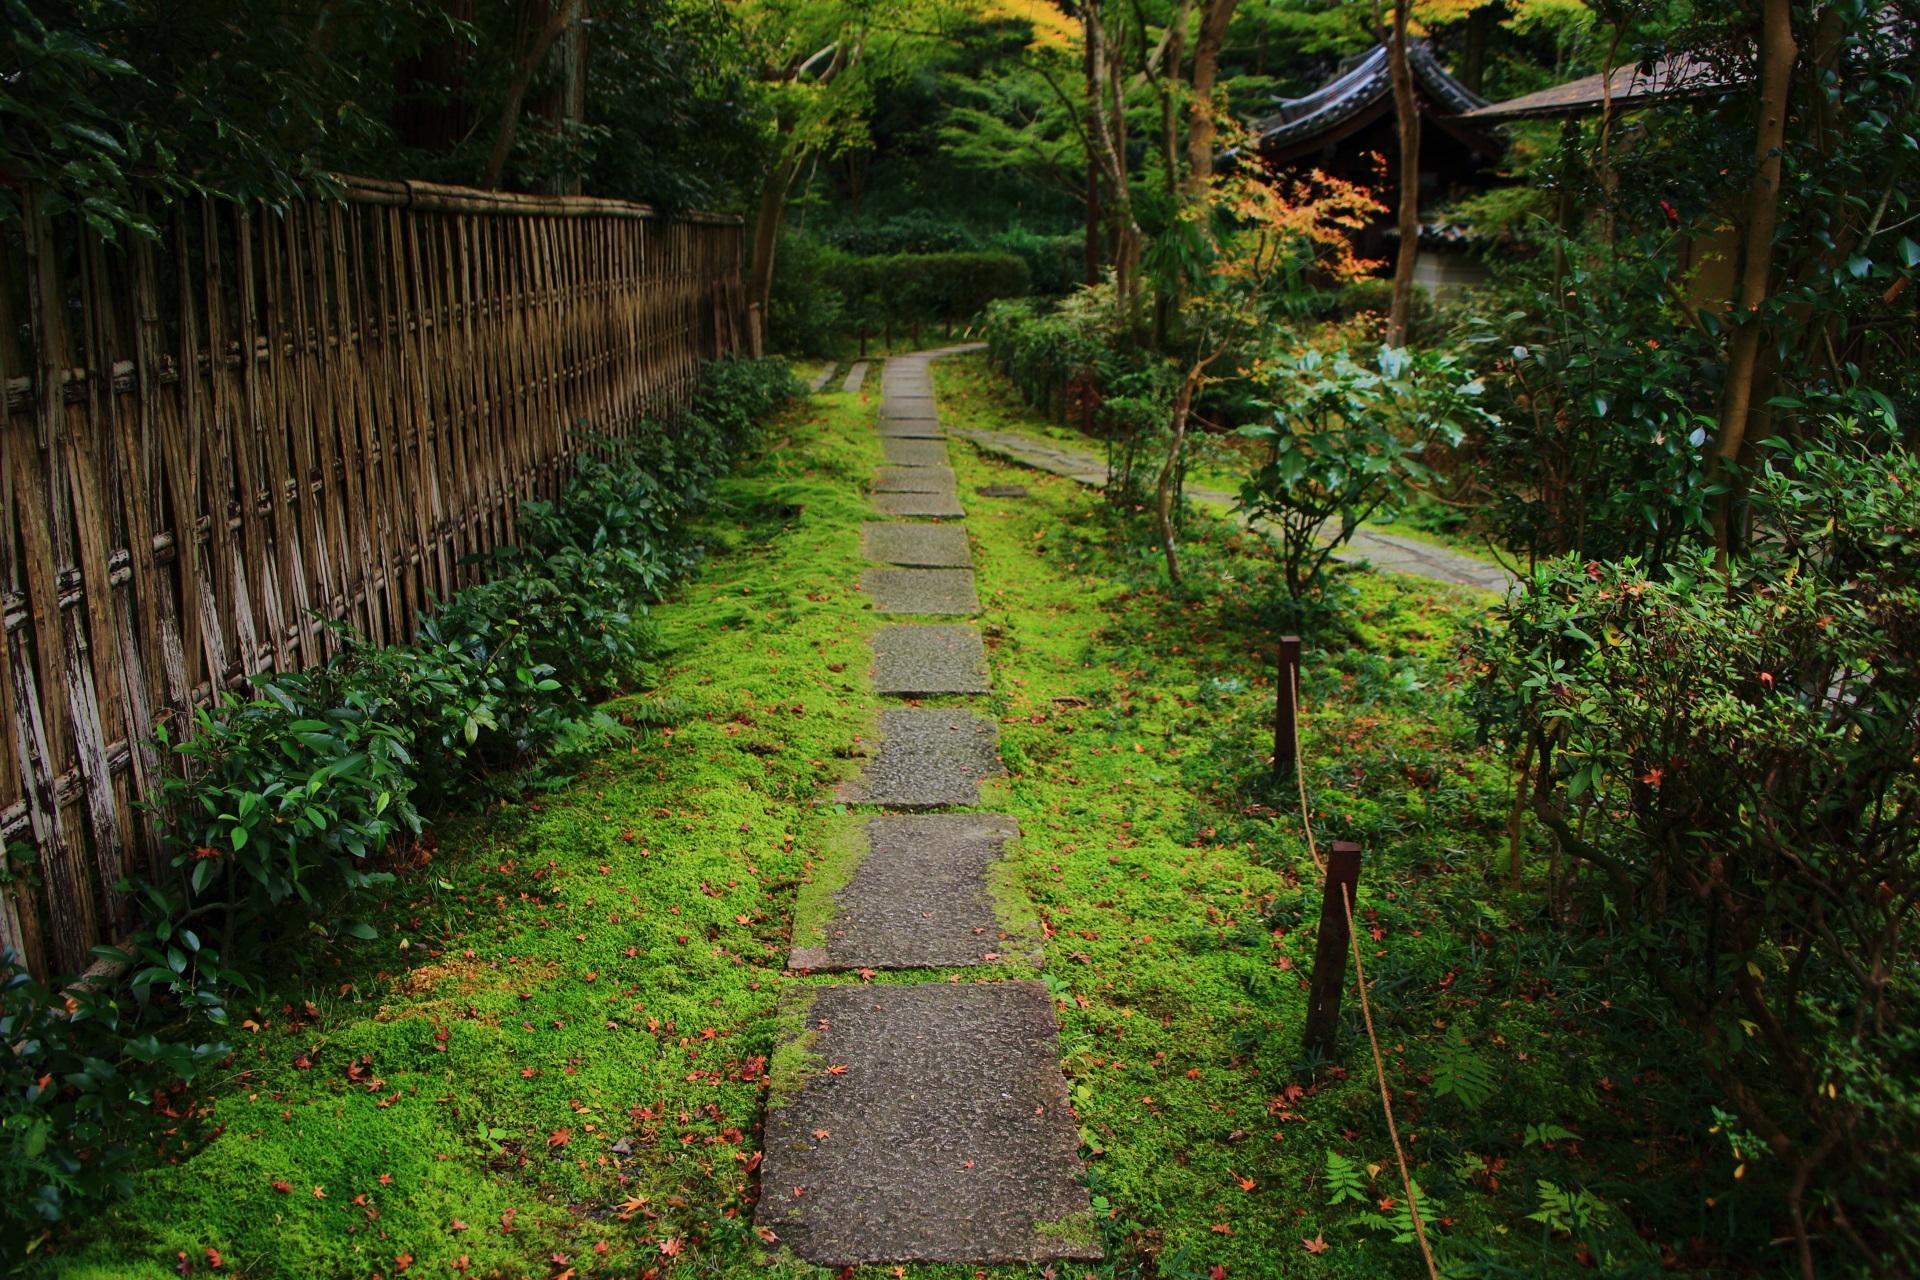 来迎院の茶庭「含翆庭」(がんすいてい)へ続く美しい苔と石の参道